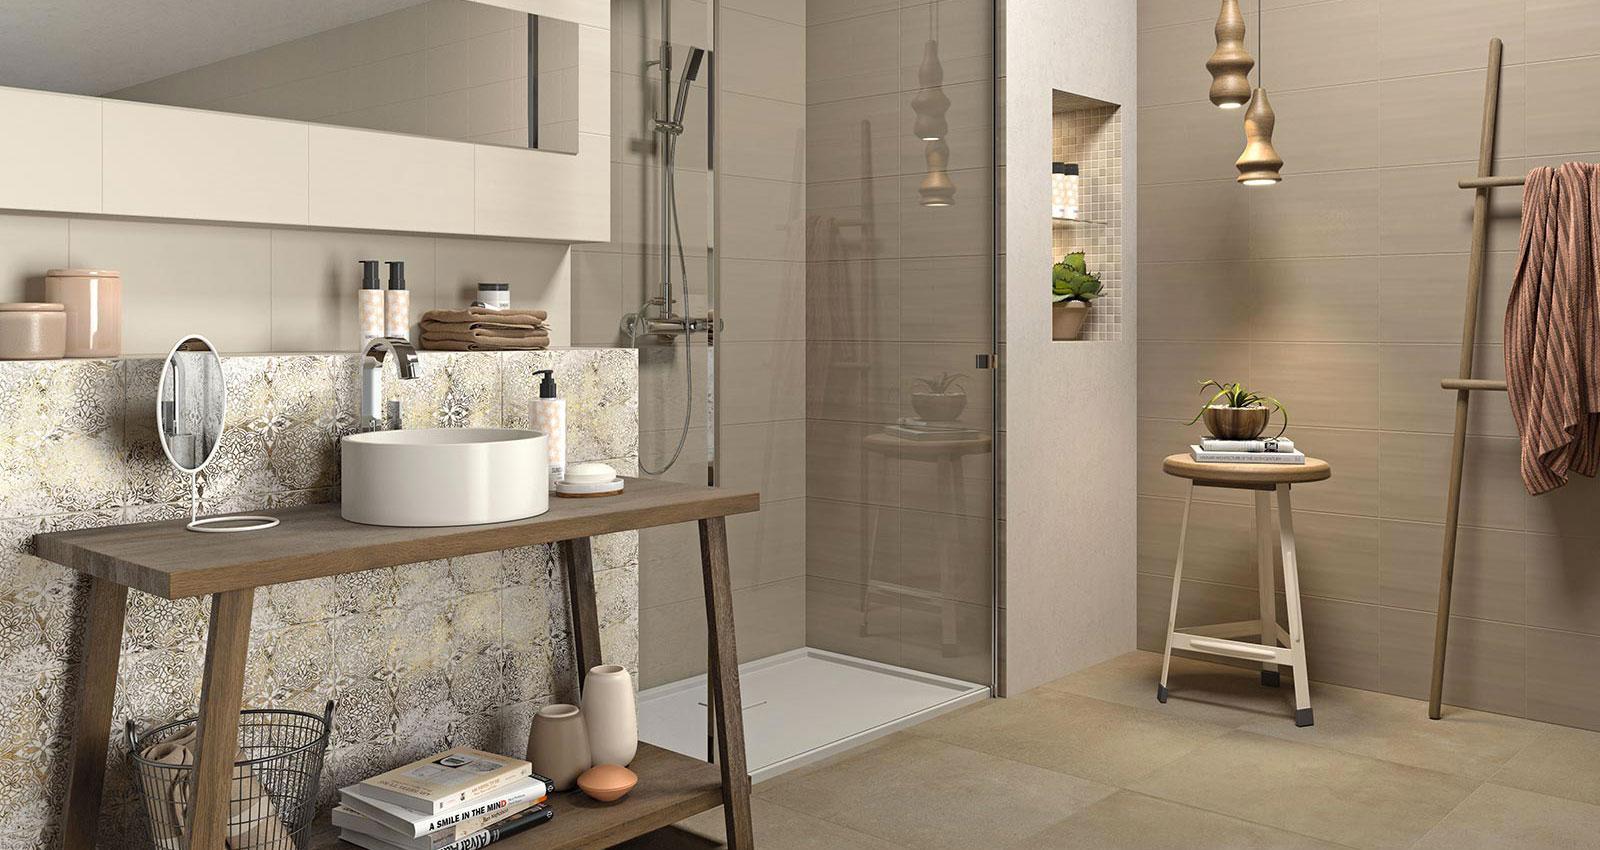 Neutral piastrelle per rivestimento marazzi for Marazzi design kitchen gallery